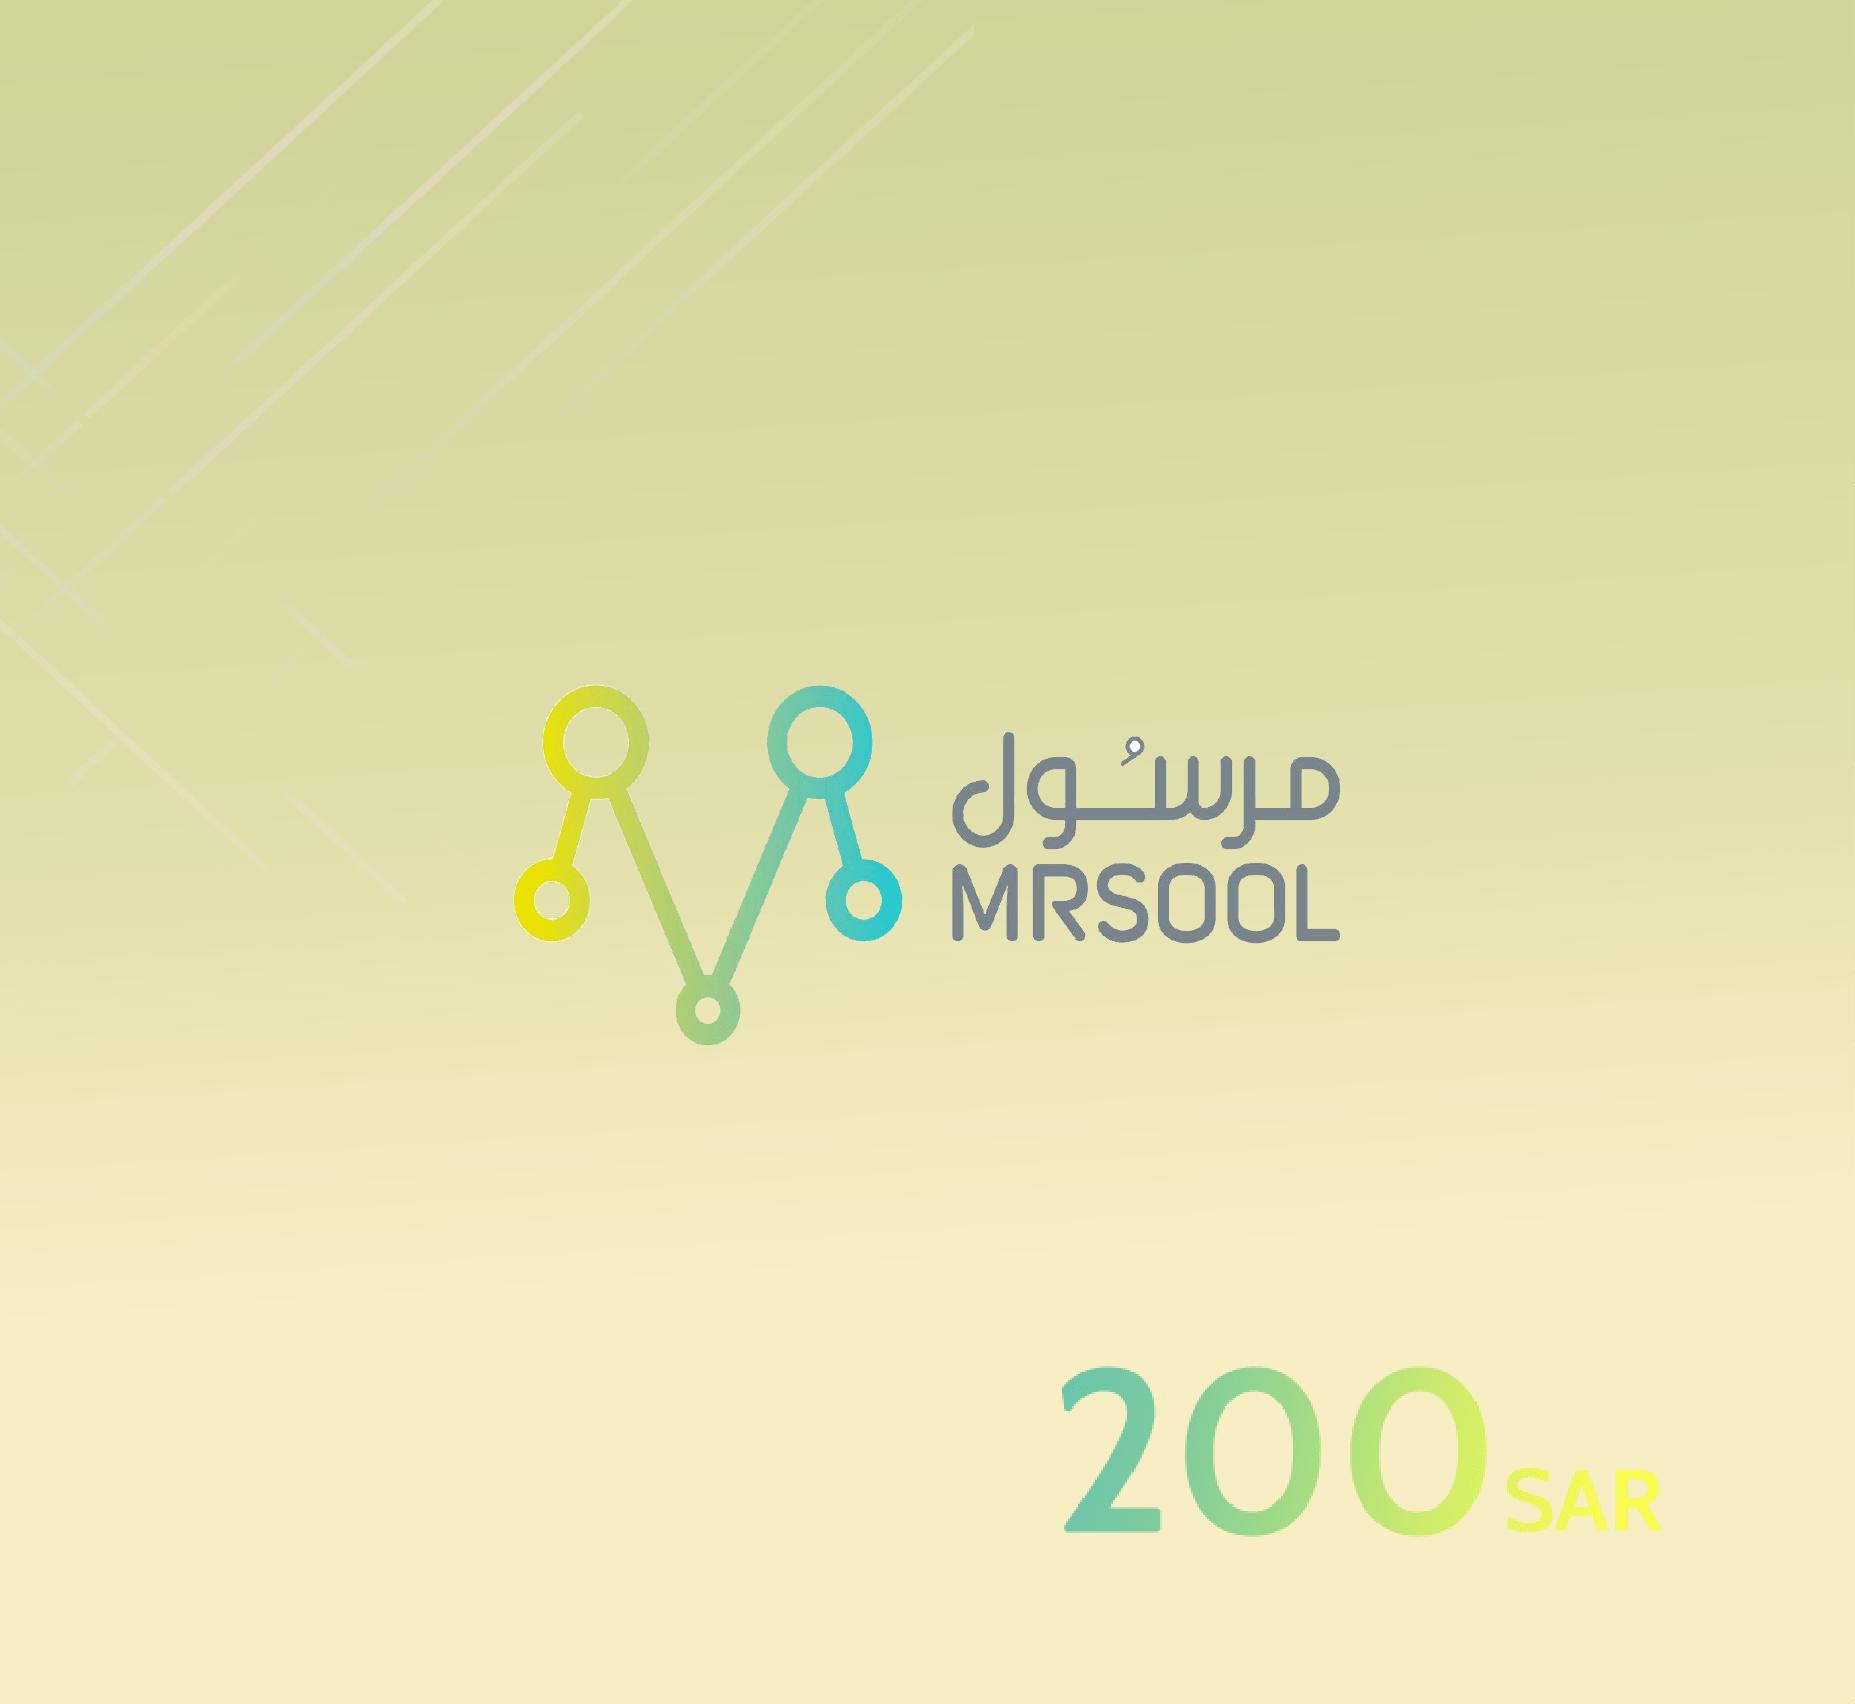 MRSOOL VOUCHER 200 SAR